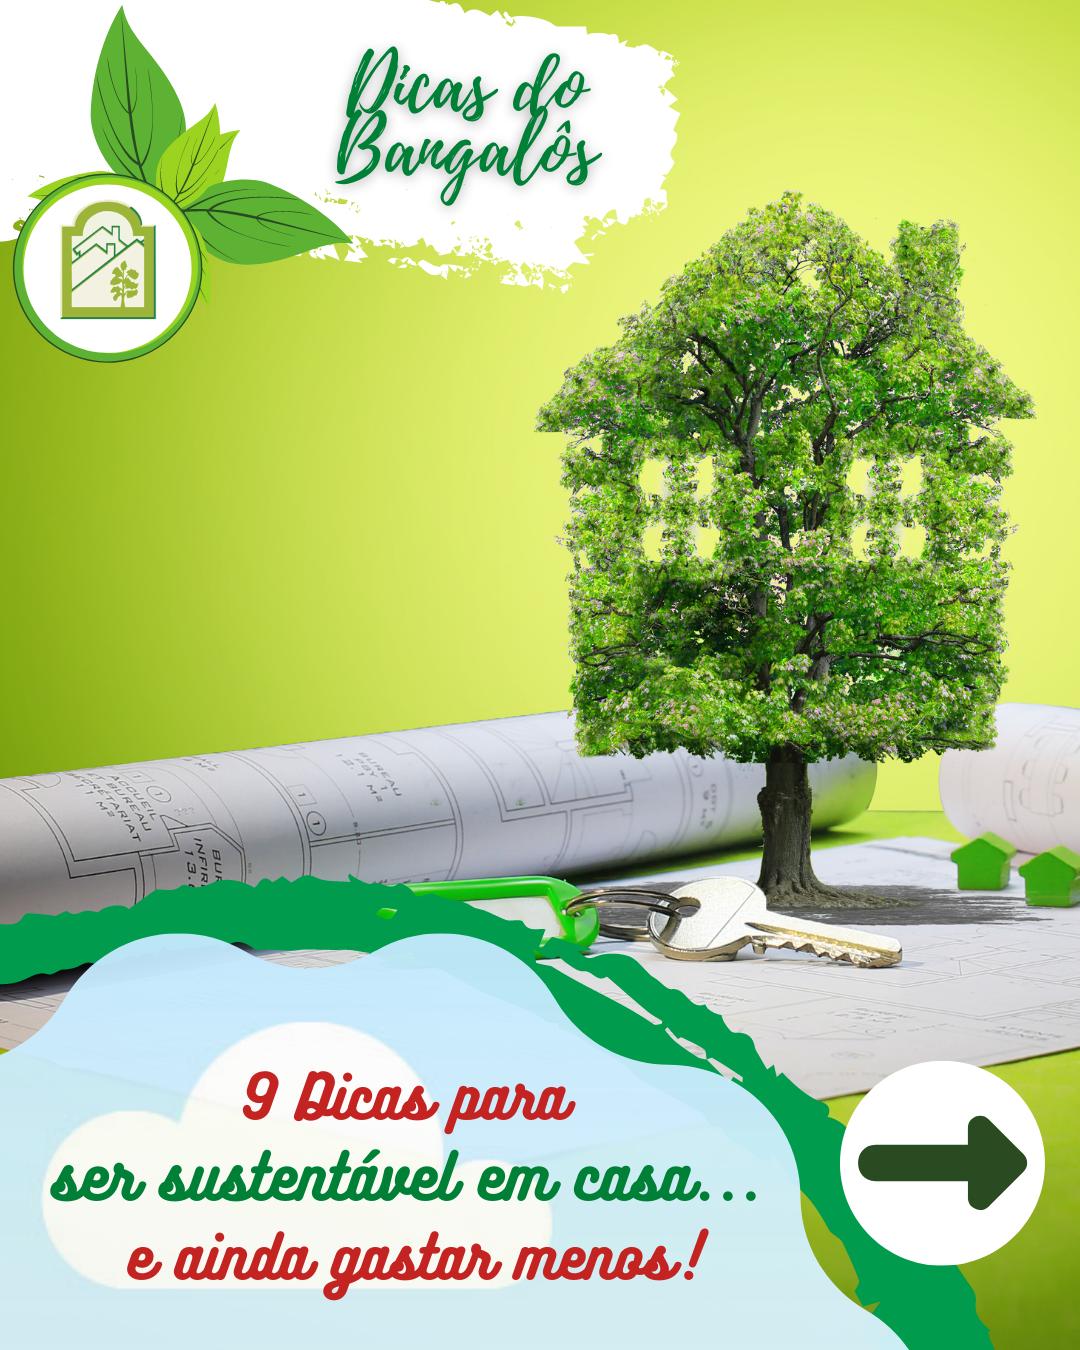 Dicas - Hotel Sustentável em Gramado-RS